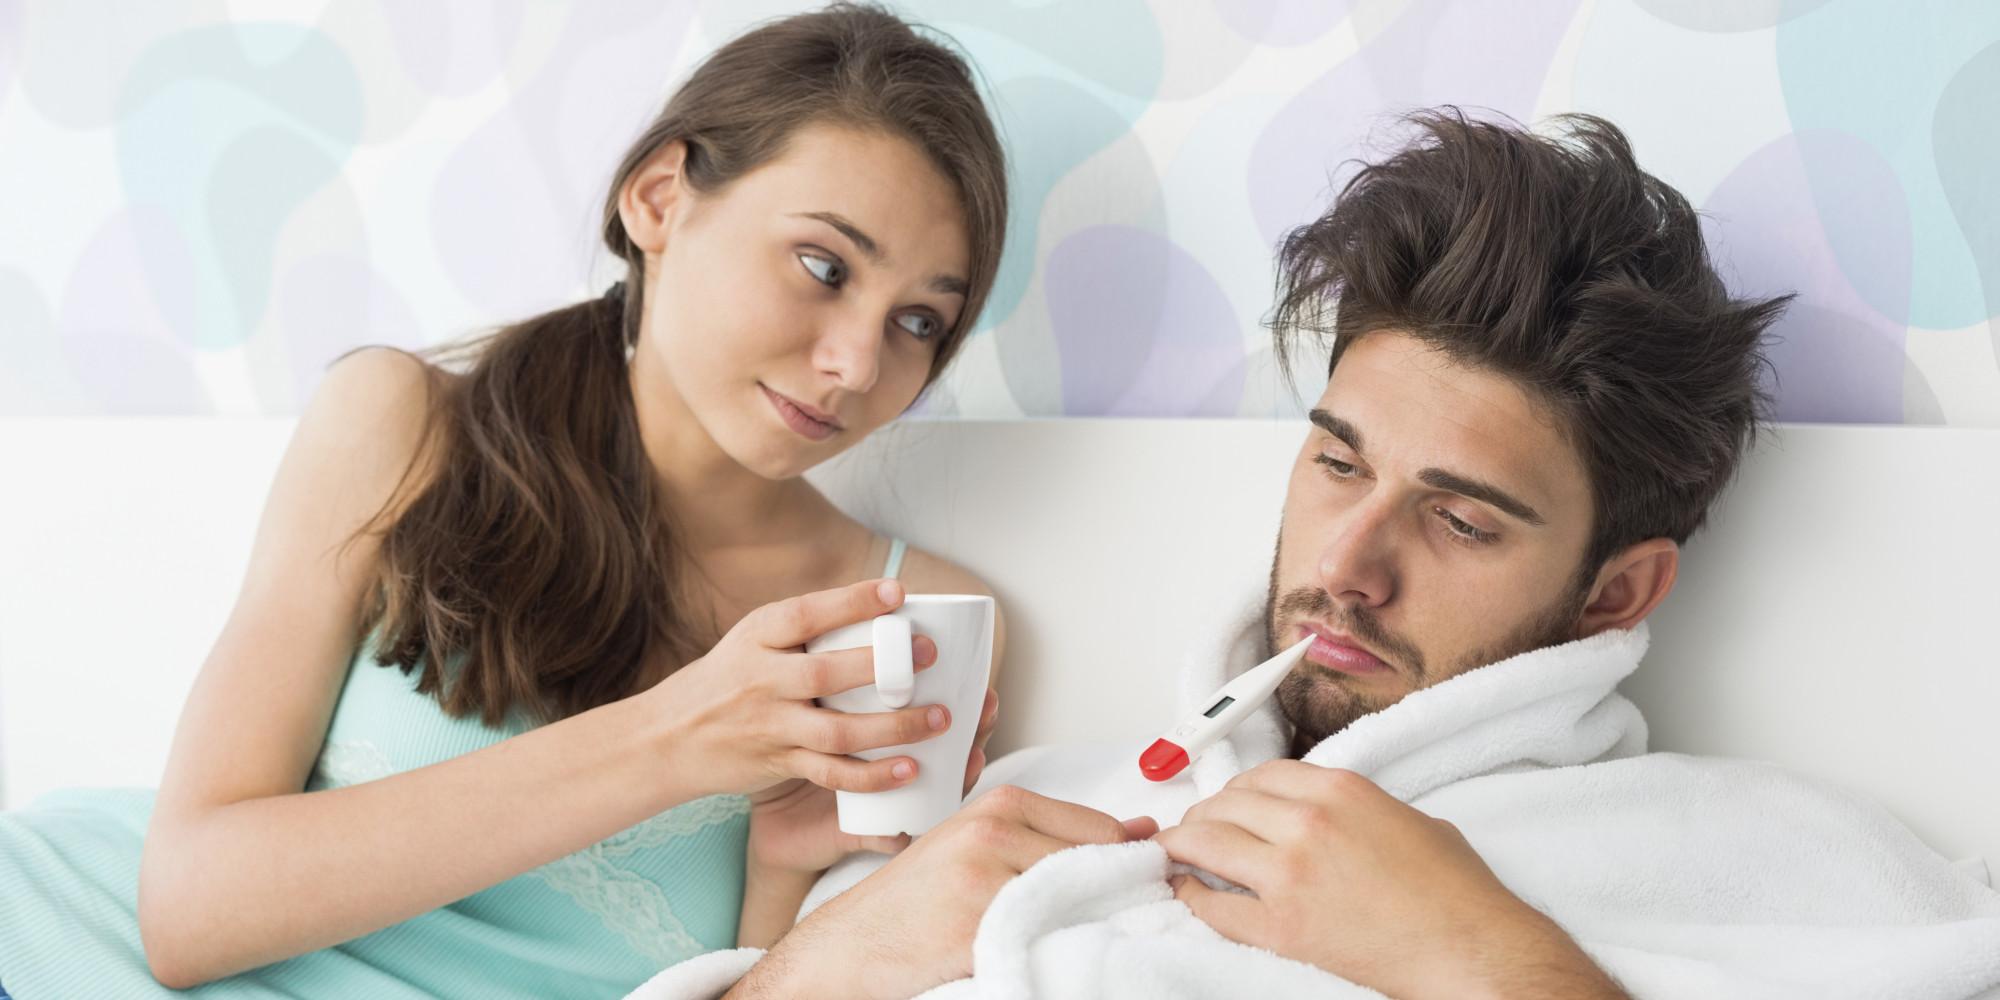 Young woman giving coffee mug to man